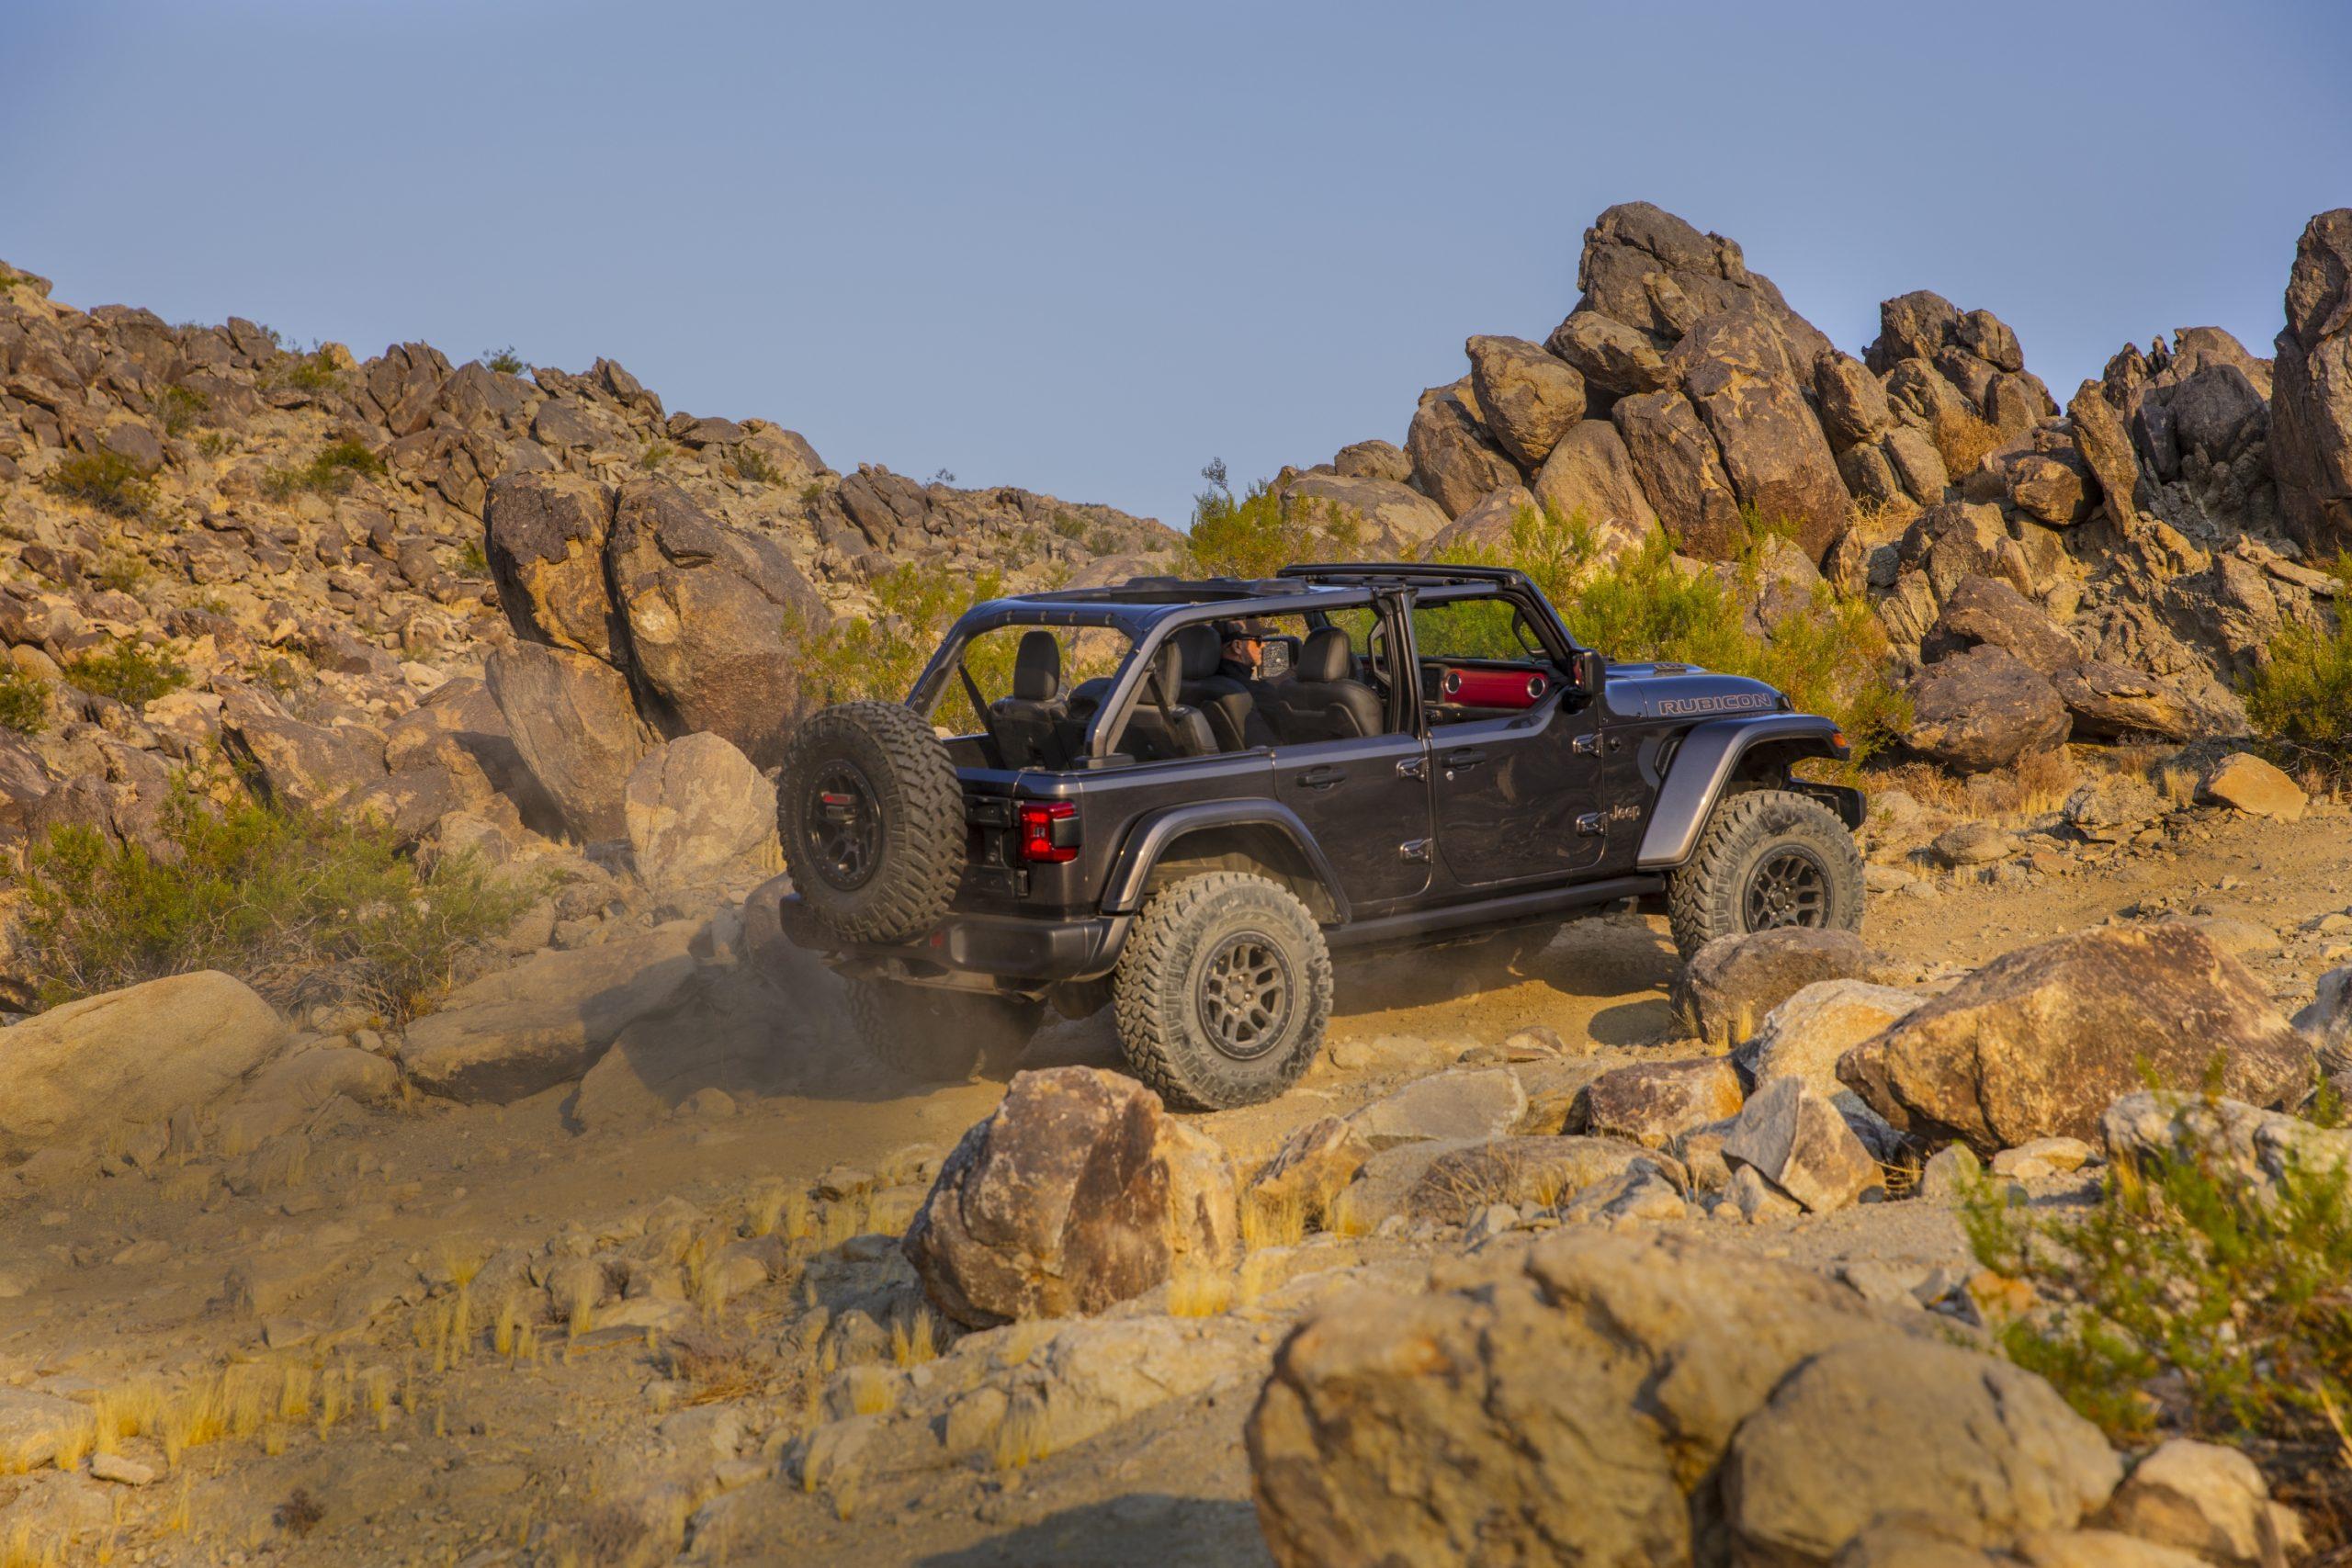 2021 Jeep Wrangler Rubicon 392 gray climbing trail